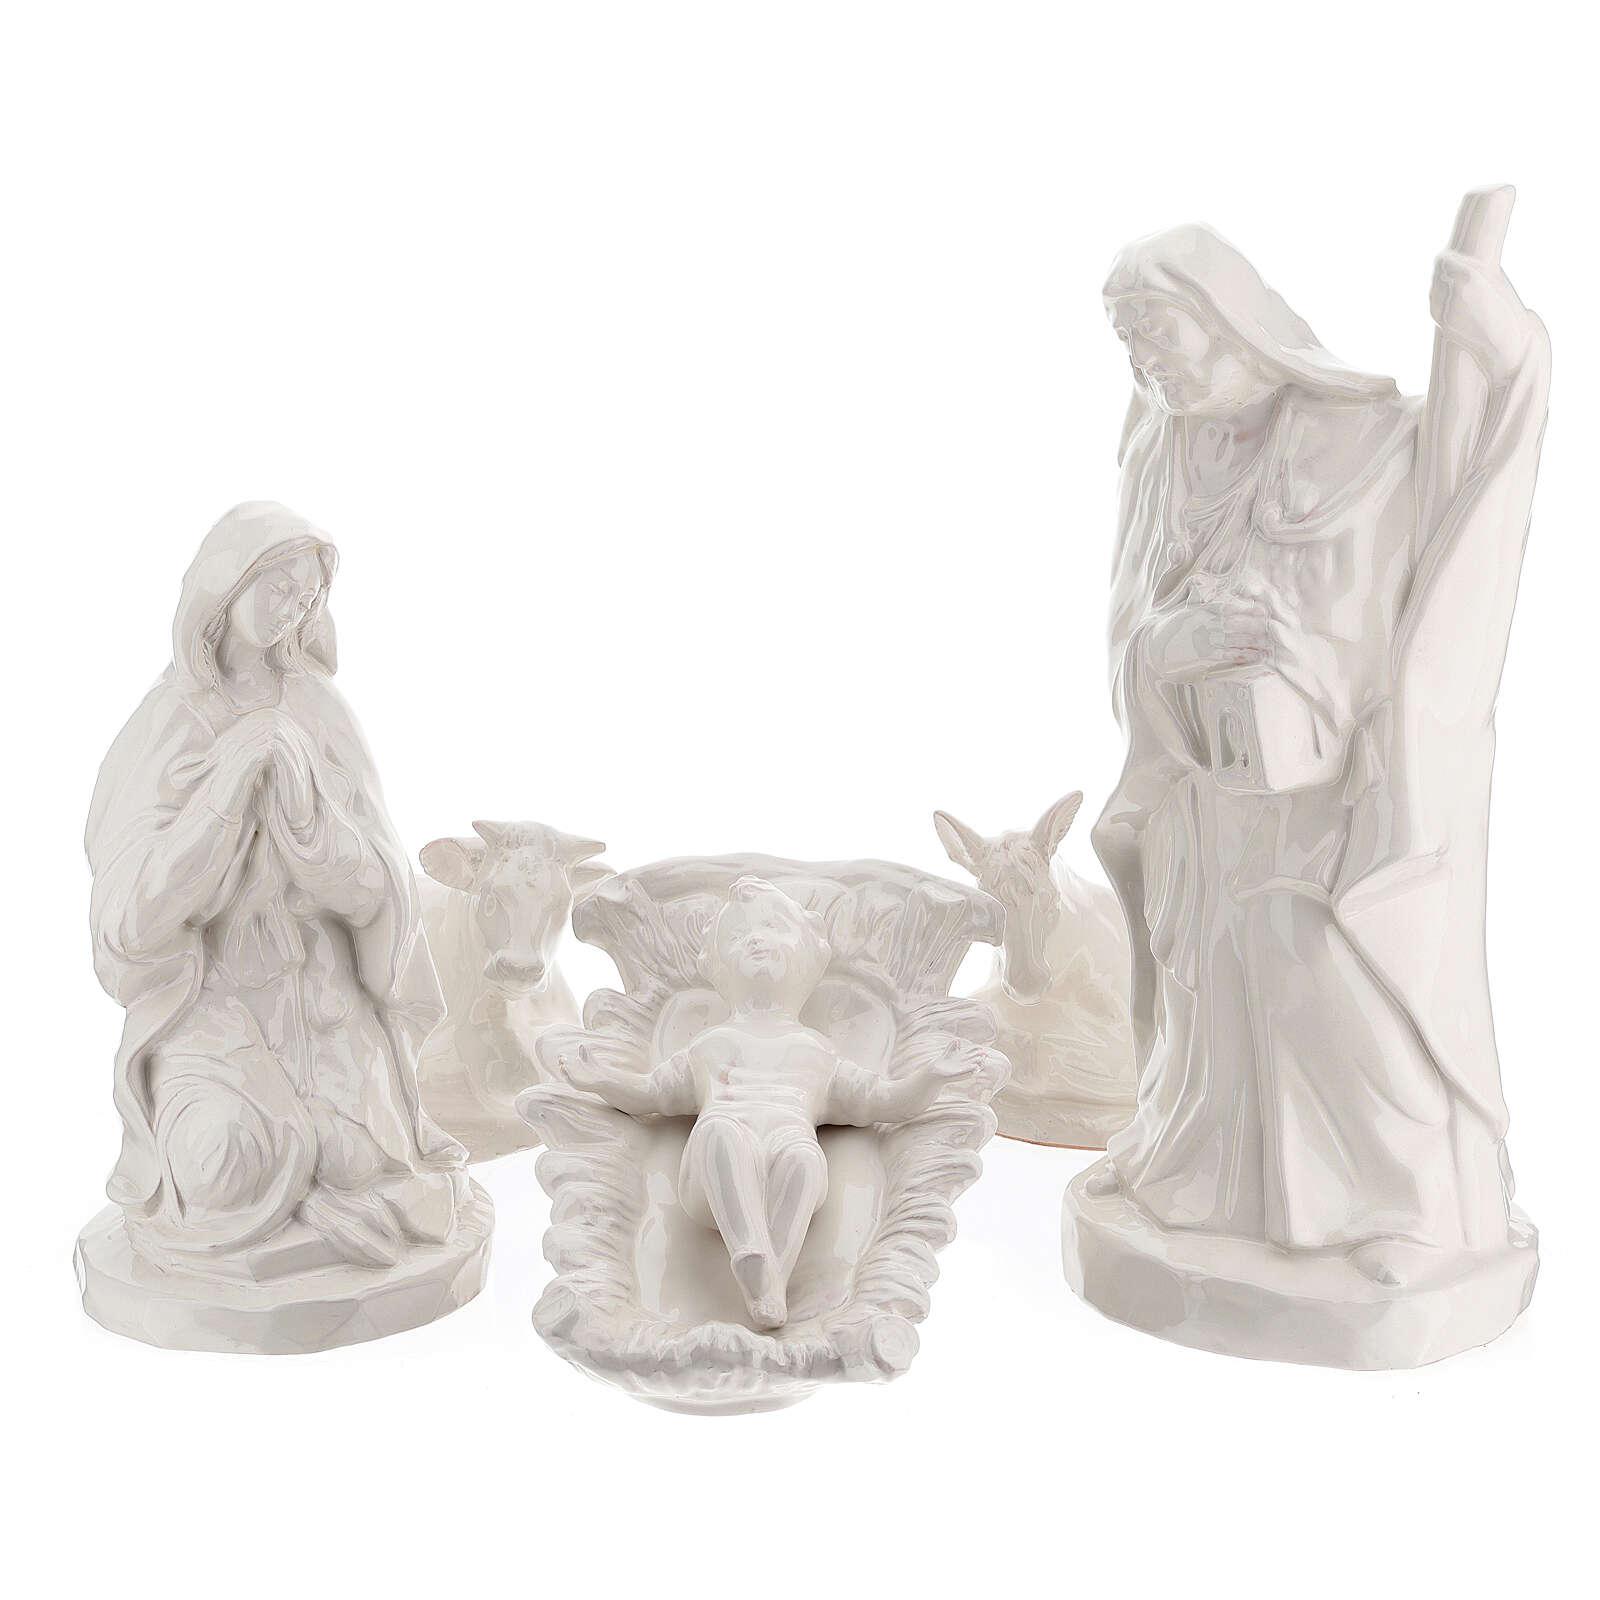 Presepe ceramica bianco Natività 5 pz 50 cm Deruta 4